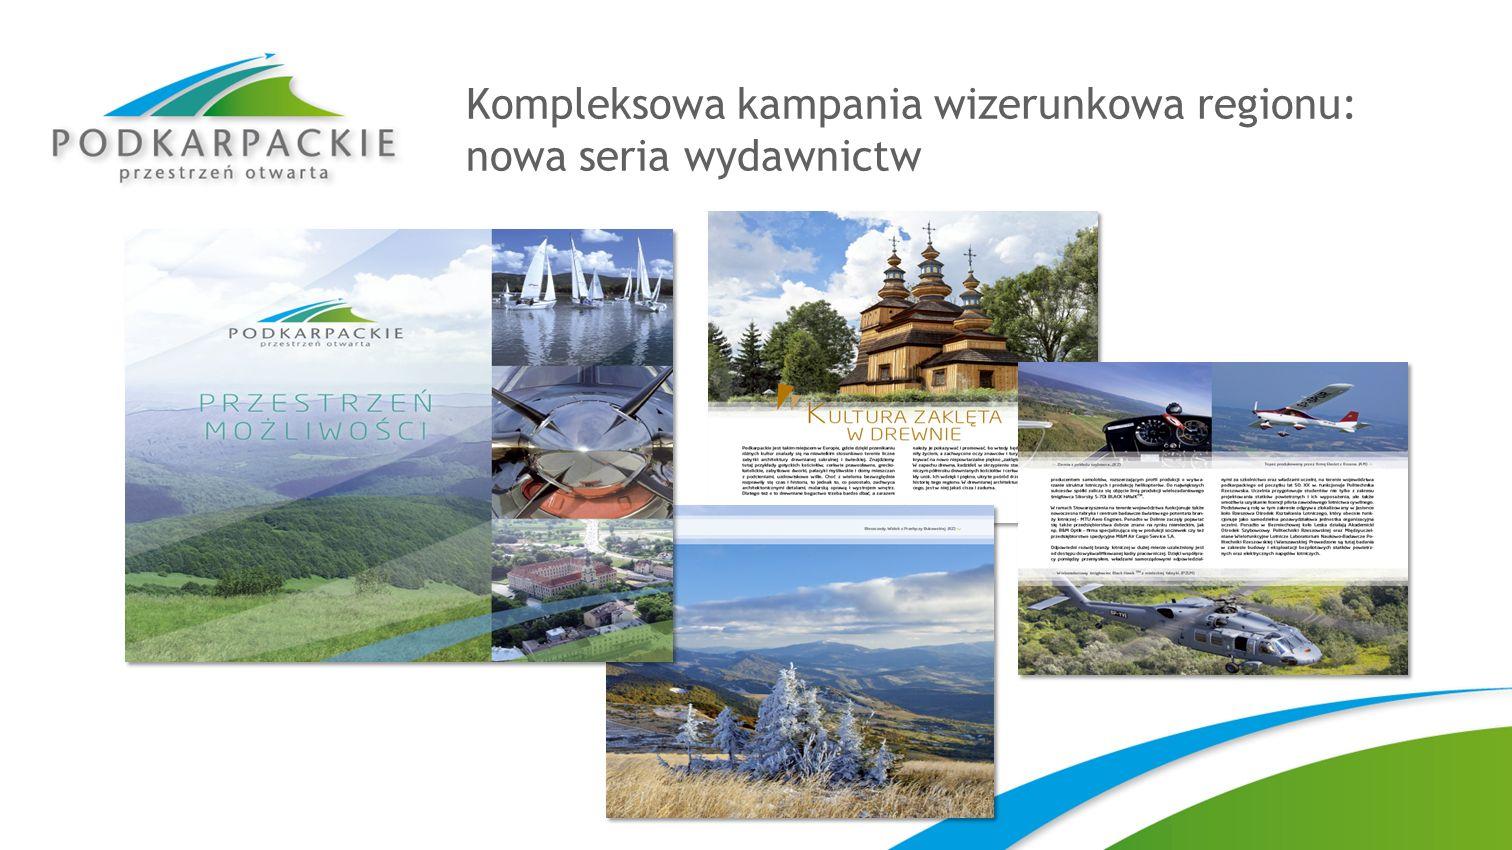 Kompleksowa kampania wizerunkowa regionu: nowa seria wydawnictw